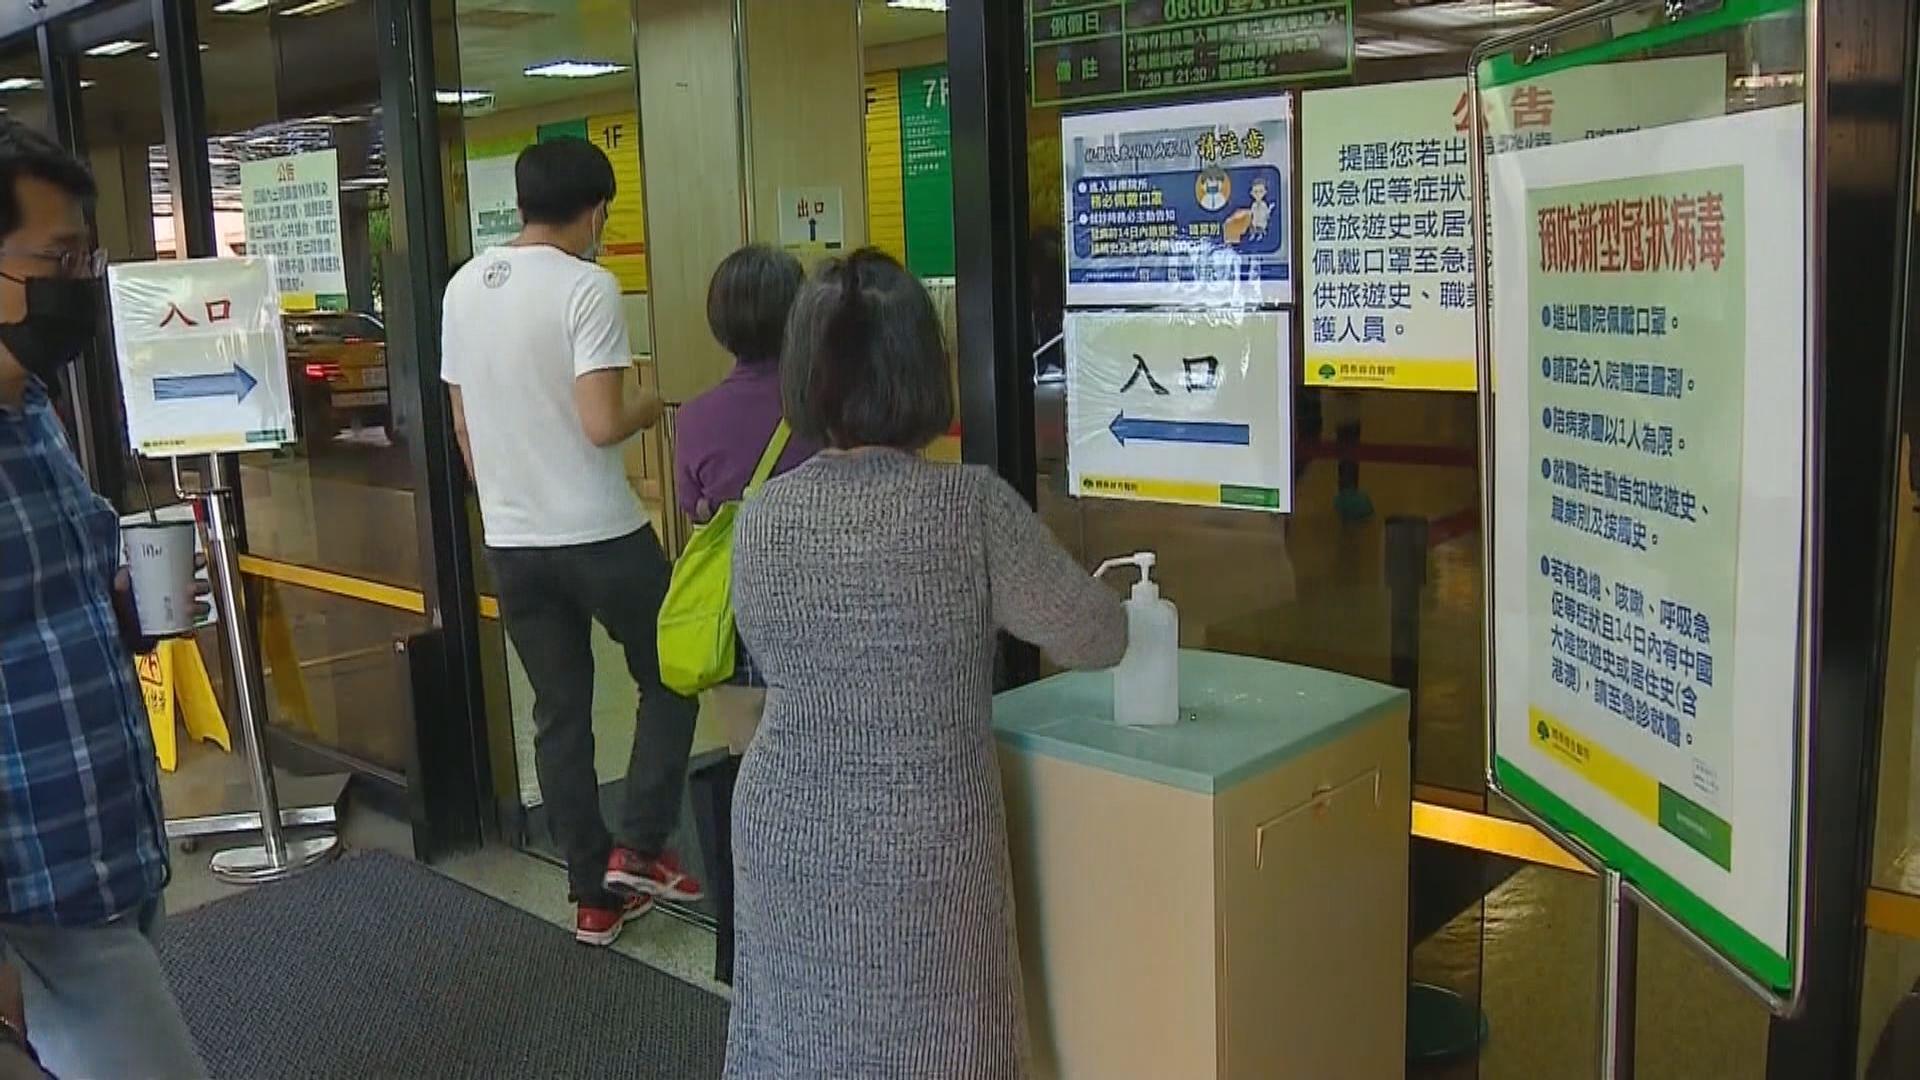 台灣首次出現醫院內集體感染